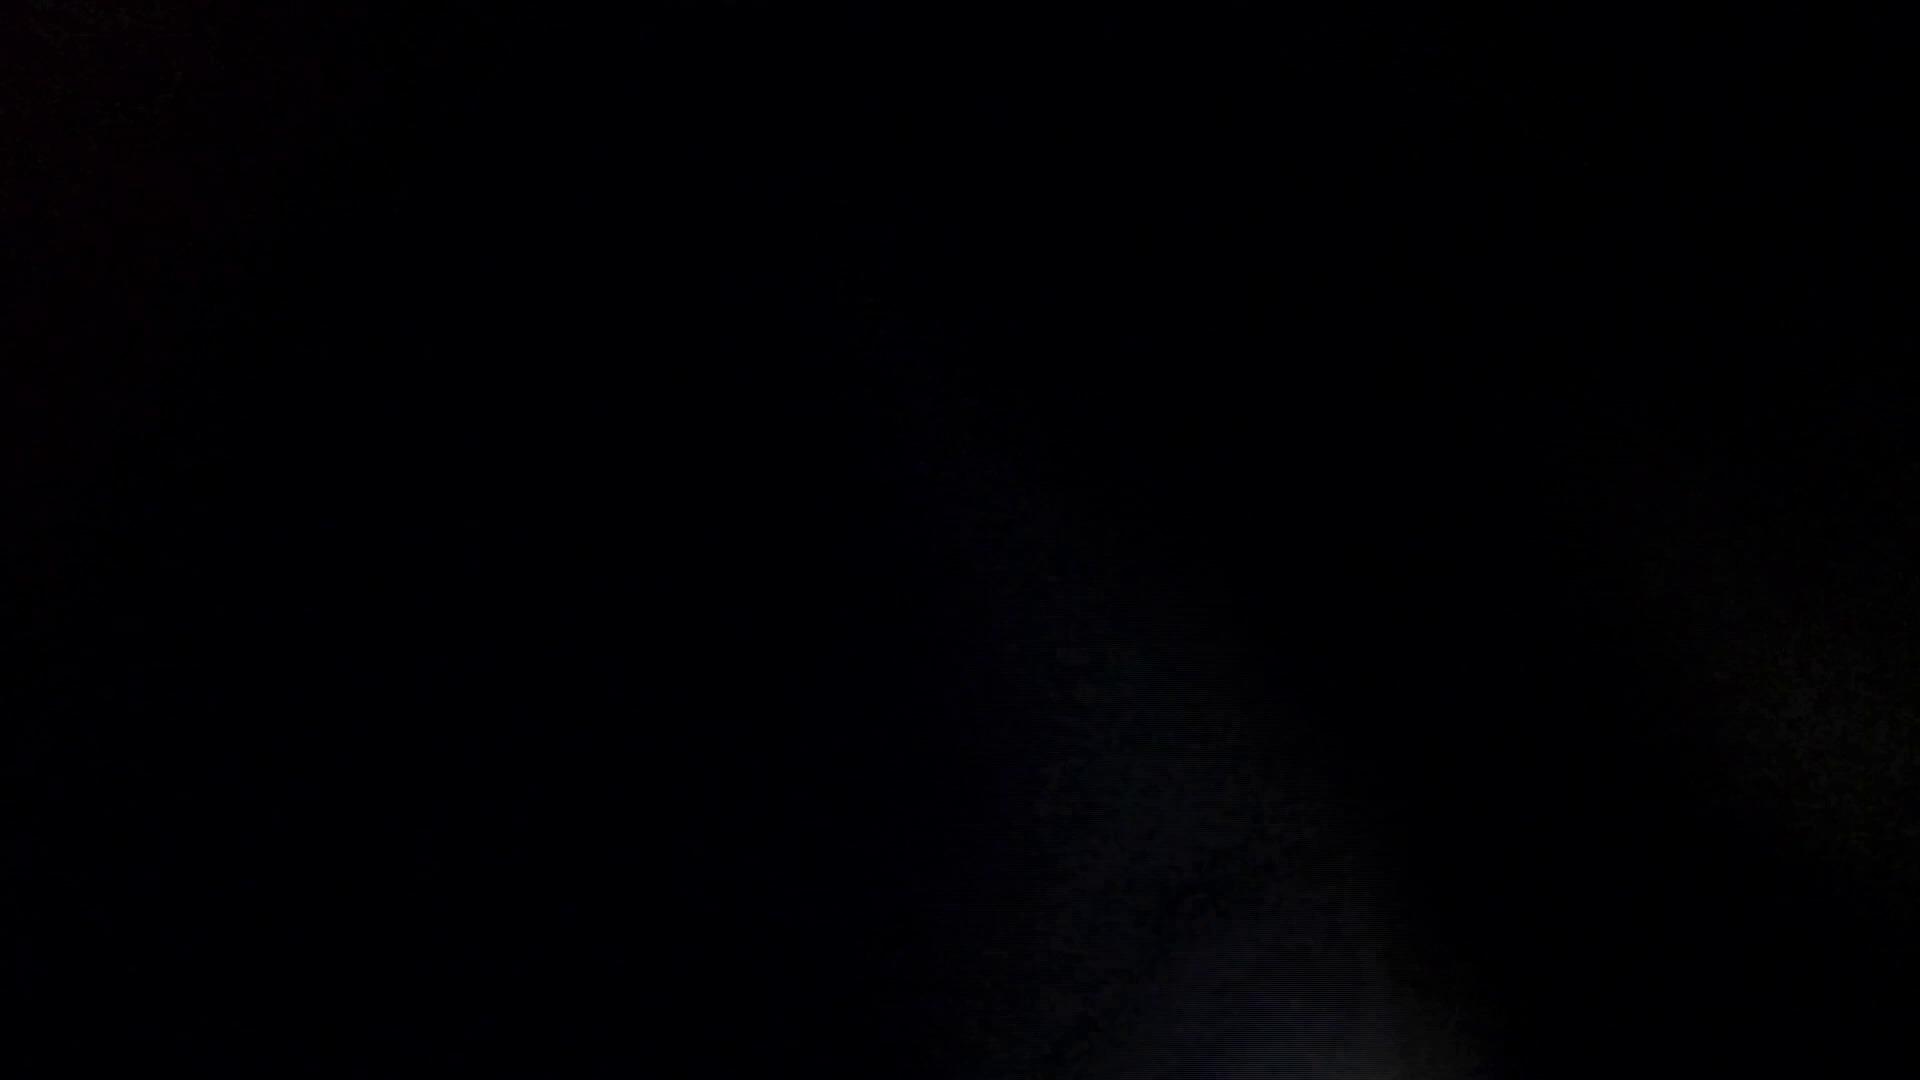 美しい日本の未来 No.19 顔全部撮れた2 おまんこ無修正 | ギャル・コレクション  82連発 18